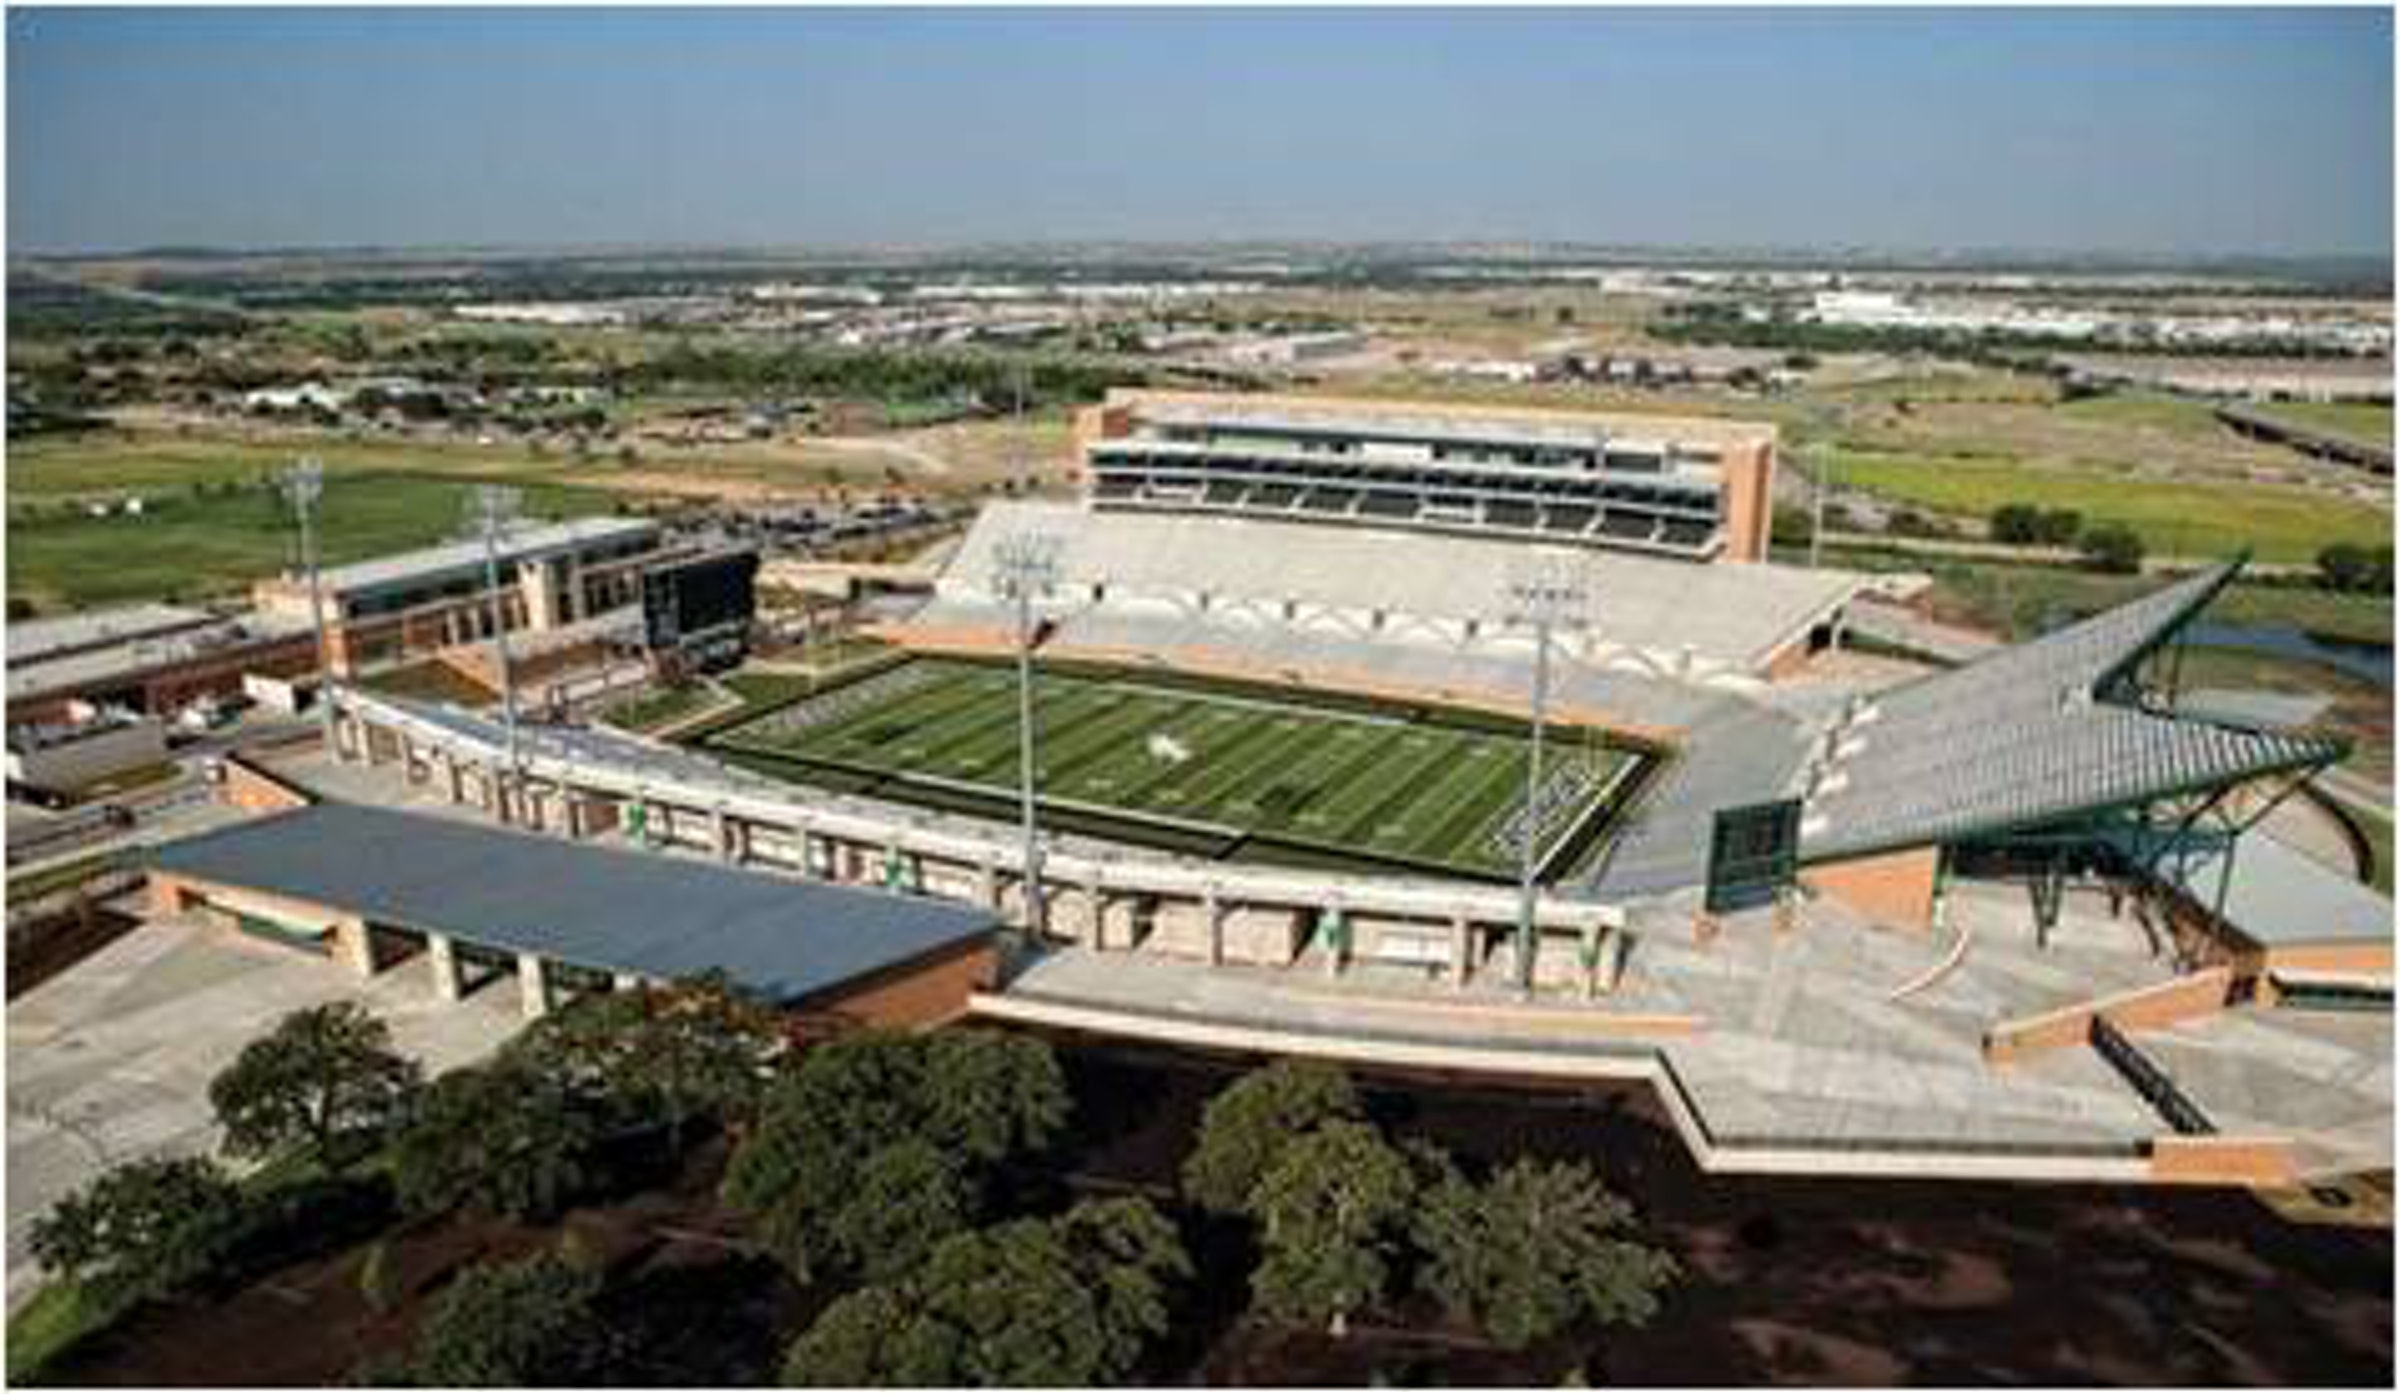 UNT - Apogee Stadium